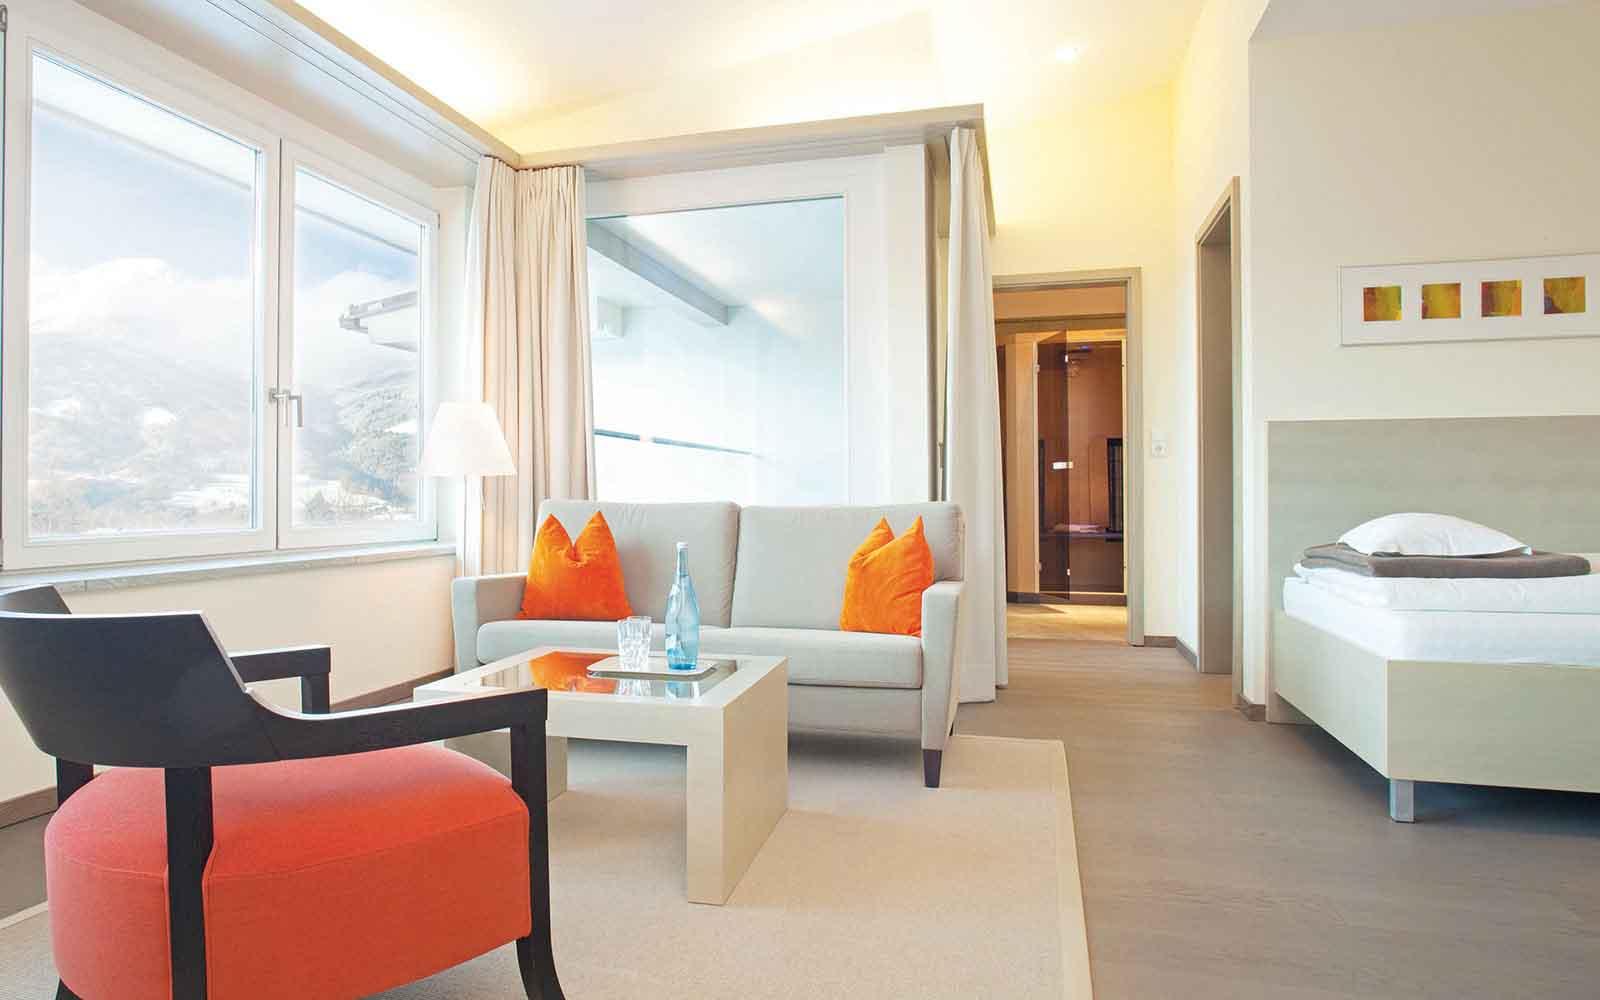 Ladies' golf & spa weekend Park Igls Tyrol Austria Hotel Health & Wellbeing